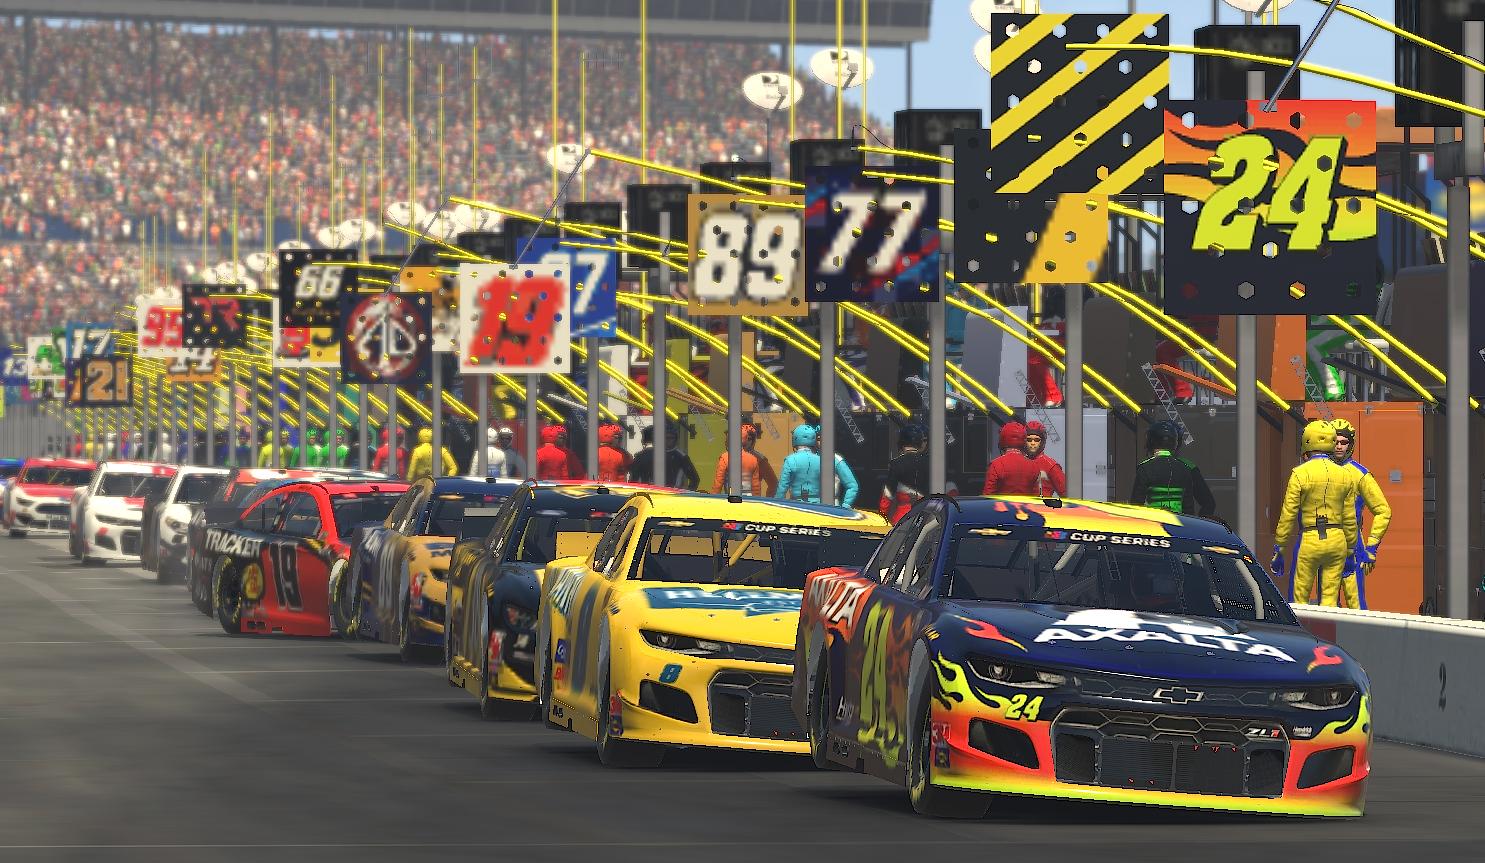 NASCAR iRacing TV Ratings: March 29, 2020 (Texas Motor Speedway) - Racing News